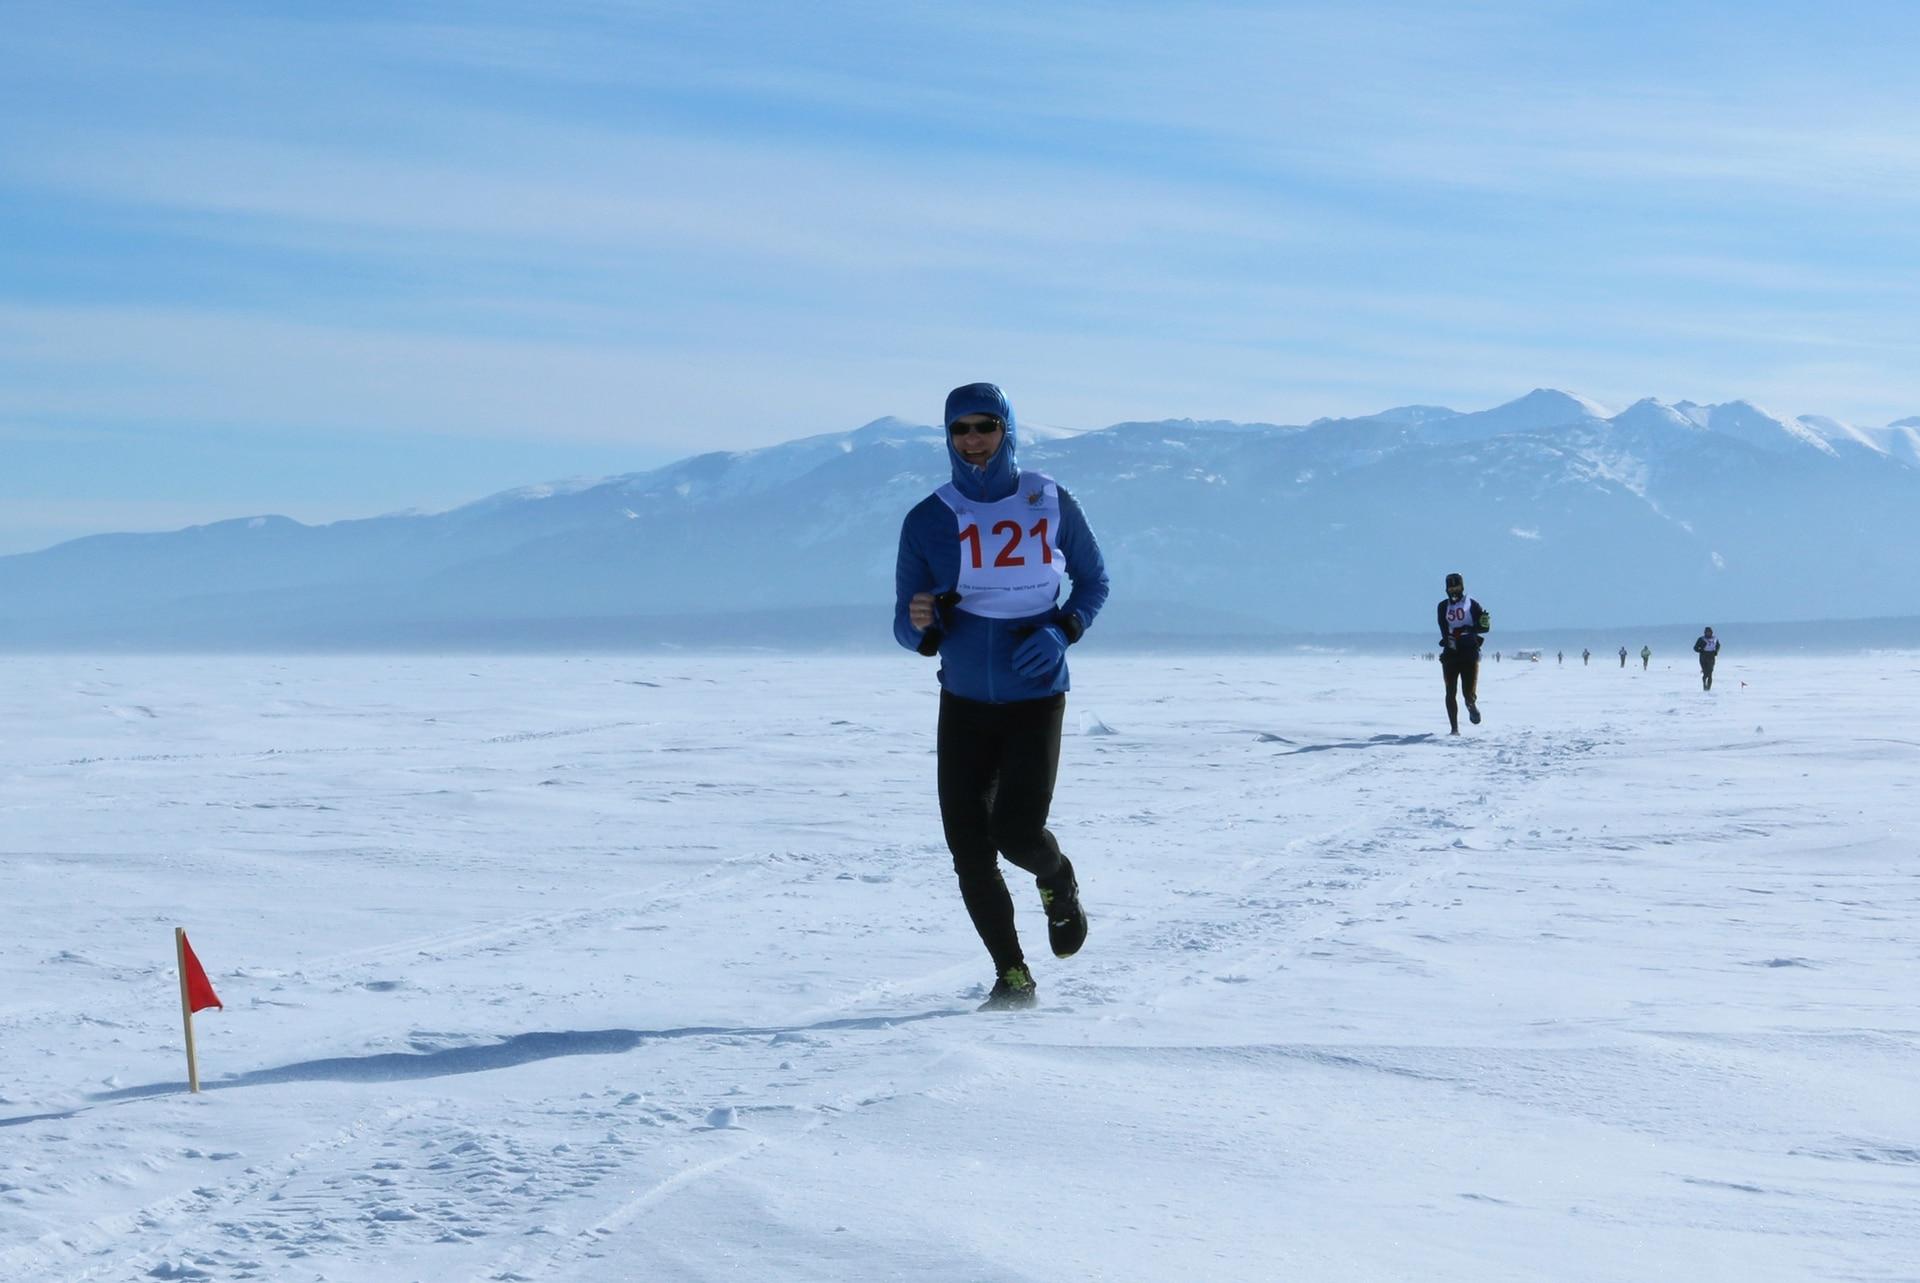 Quienes corren la Baikal Ice Marathon deben cubrir los 42 km en seis horas. Aquellos que no hayan hecho al menos 21 km en 4 horas, quedan descalificados, para evitar congelarse.